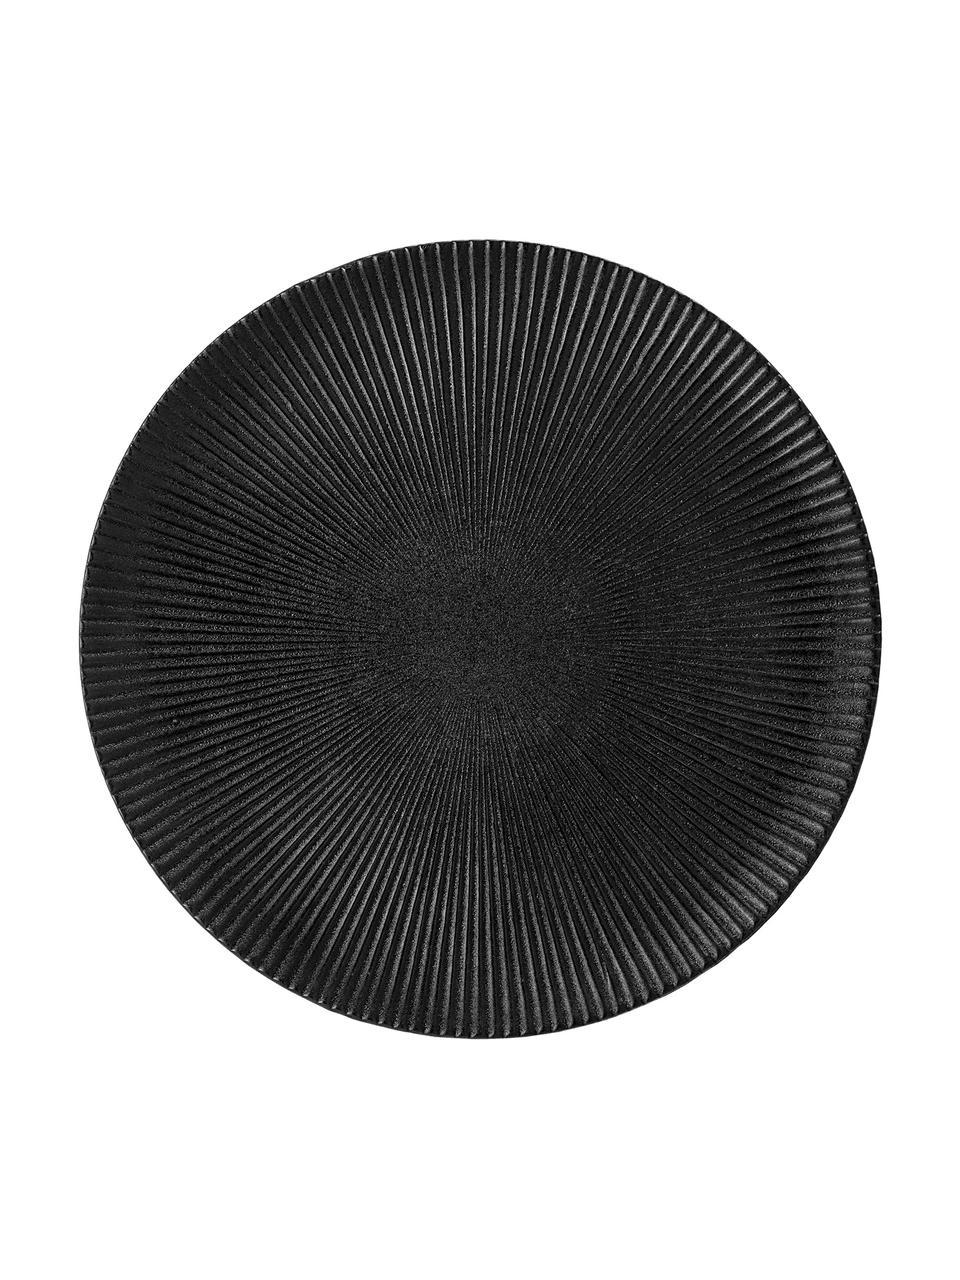 Piatto piano nero opaco con struttura rigata Neri, Terracotta Con una struttura scanalata e una superficie leggermente ruvida, Nero, Ø 29 cm